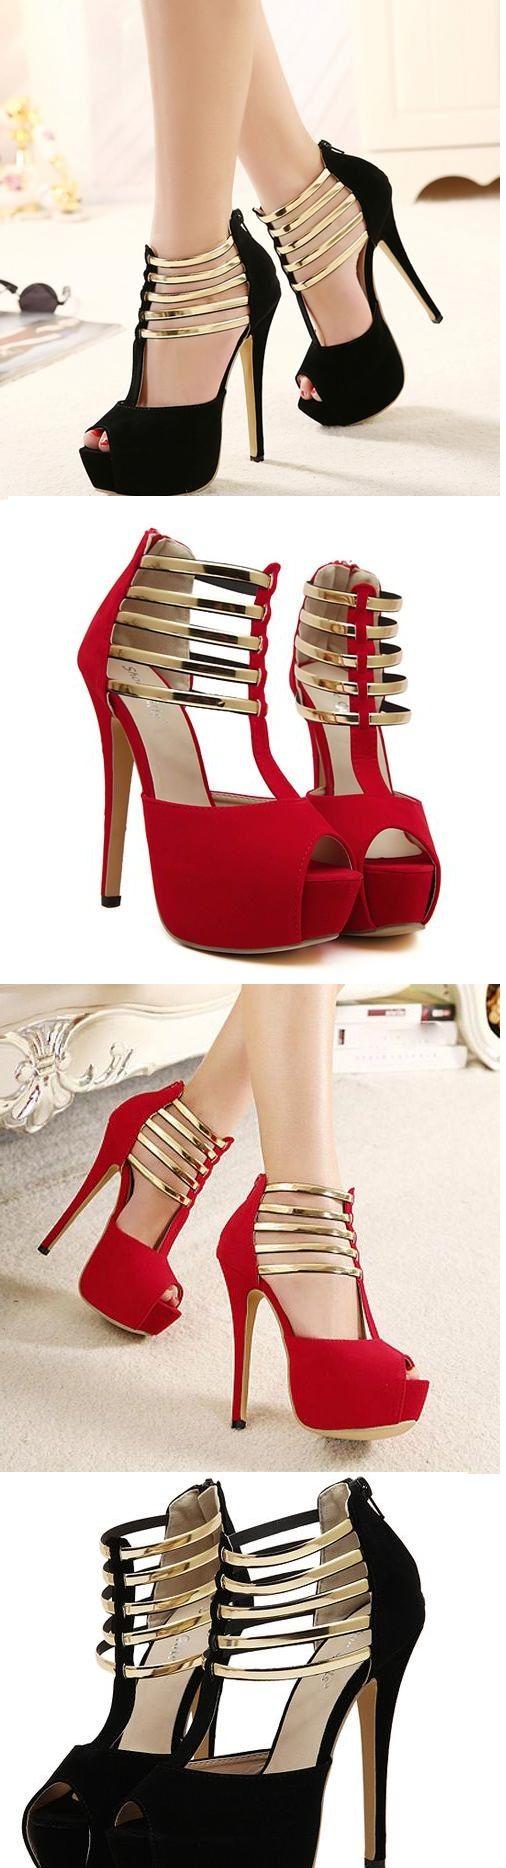 2932571f108 Tacones súper elegantes para mujer. ¿Qué color es su favorito  Encuéntralos  en nuestro sitio.